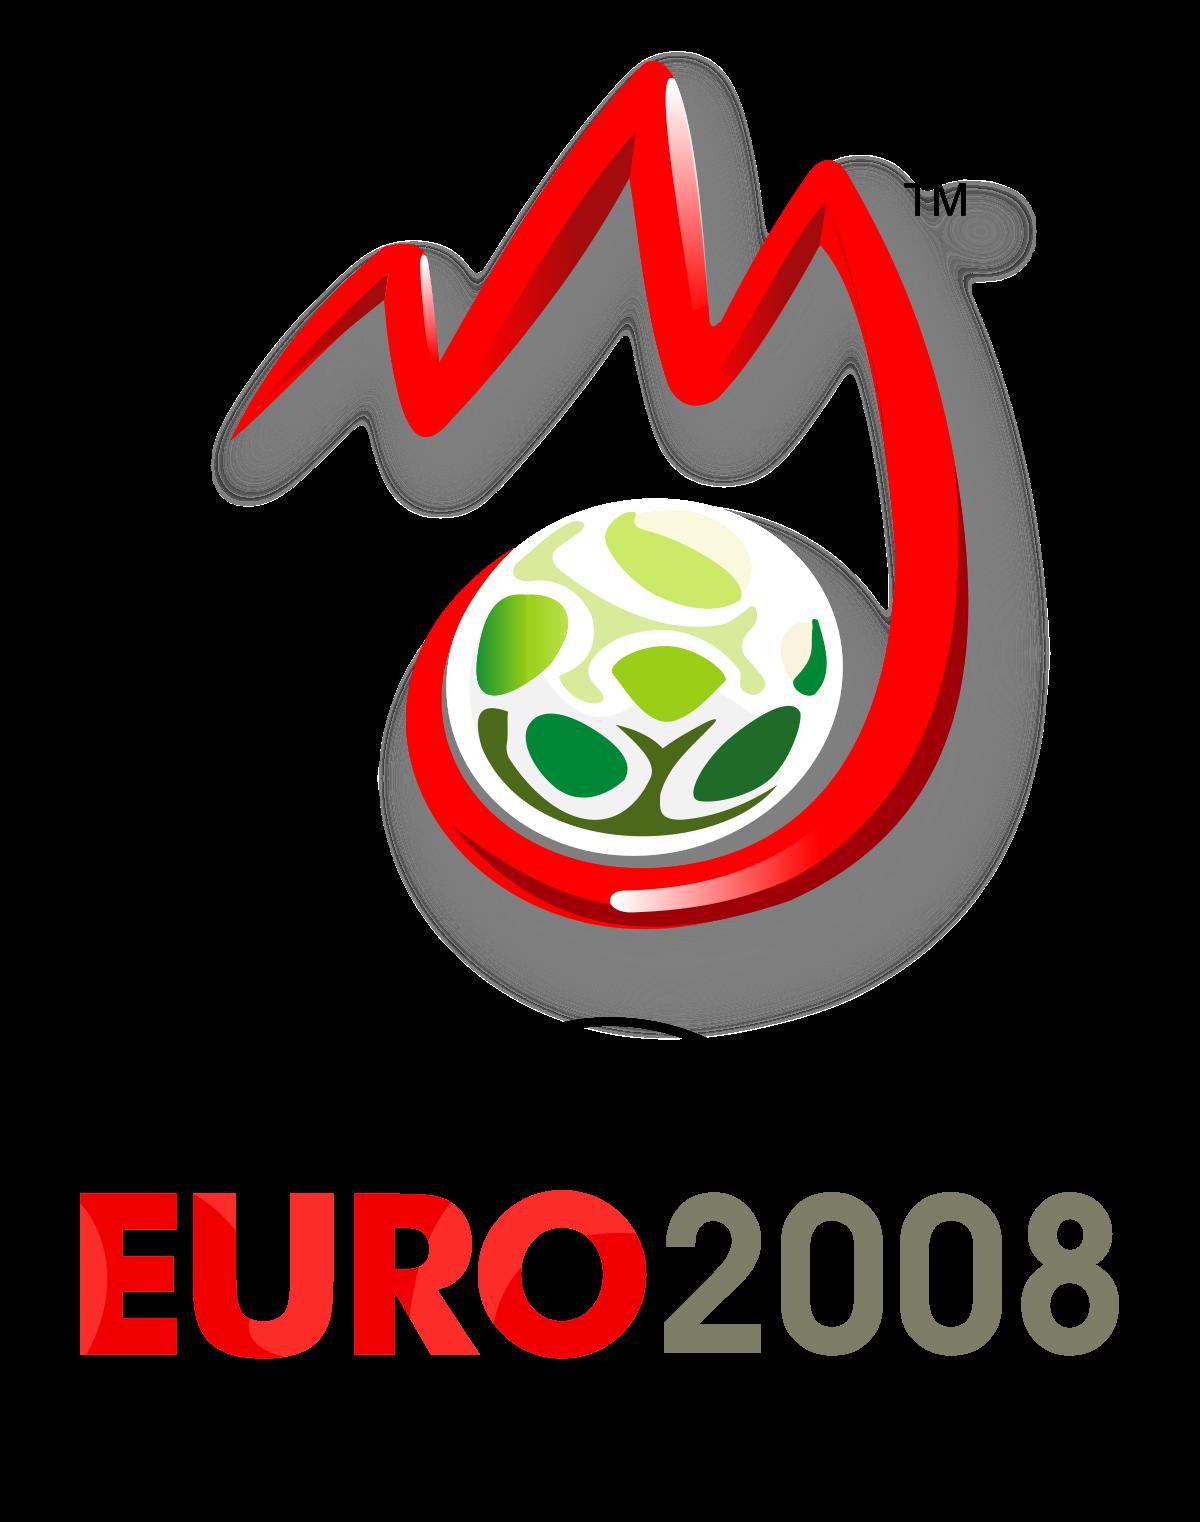 Uefa Euro 2008 Wikipedia Uefa Euro 2008 Business Logo Design Euro